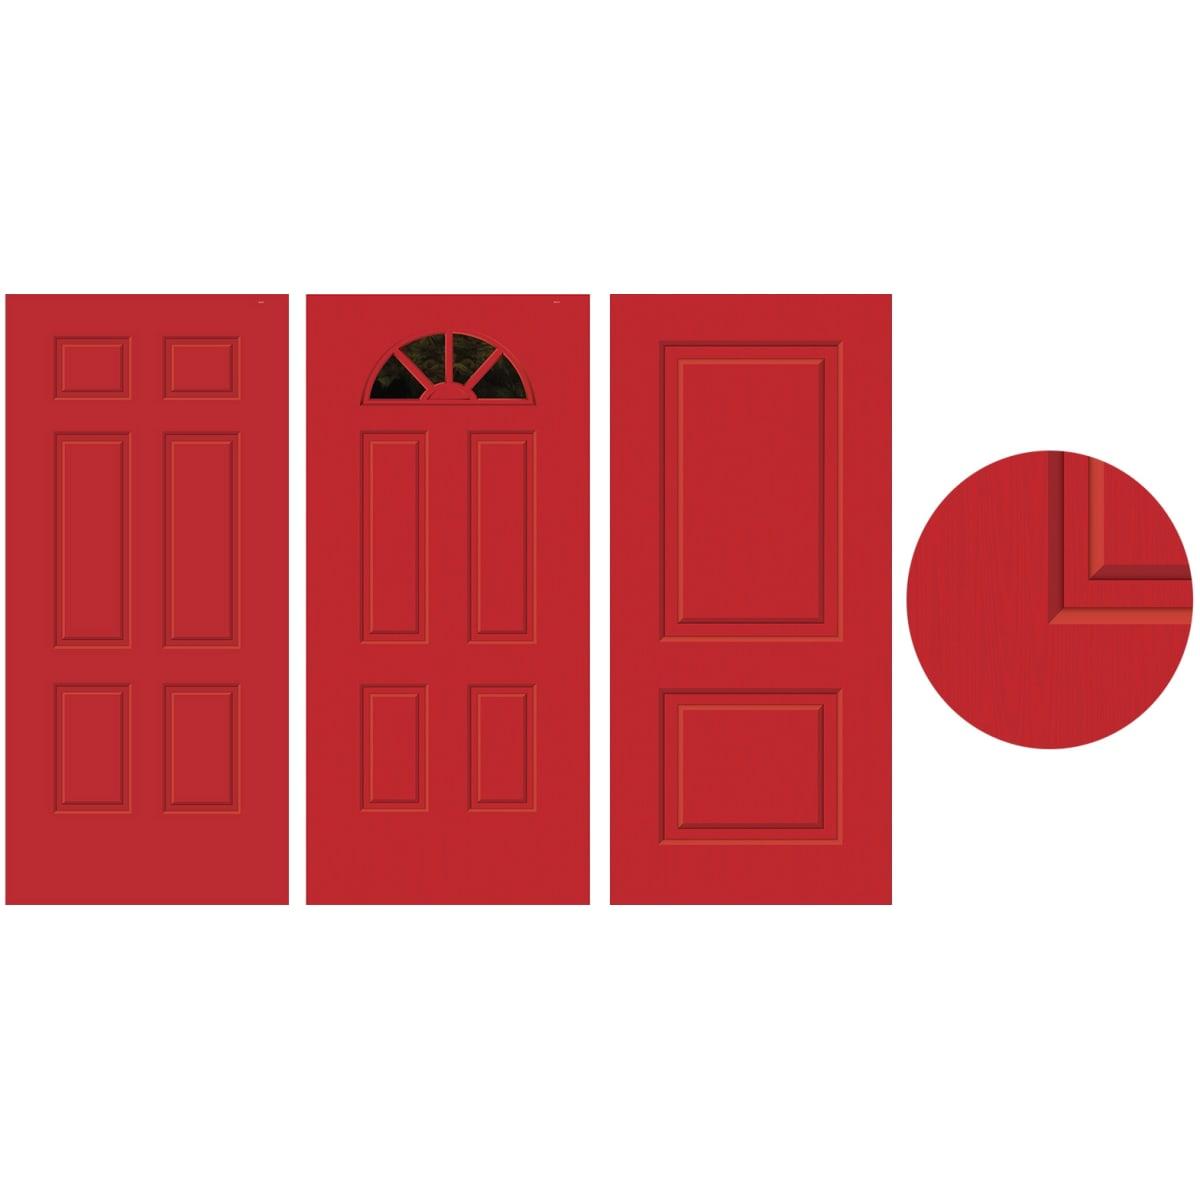 Door-Cals decorative door coverings